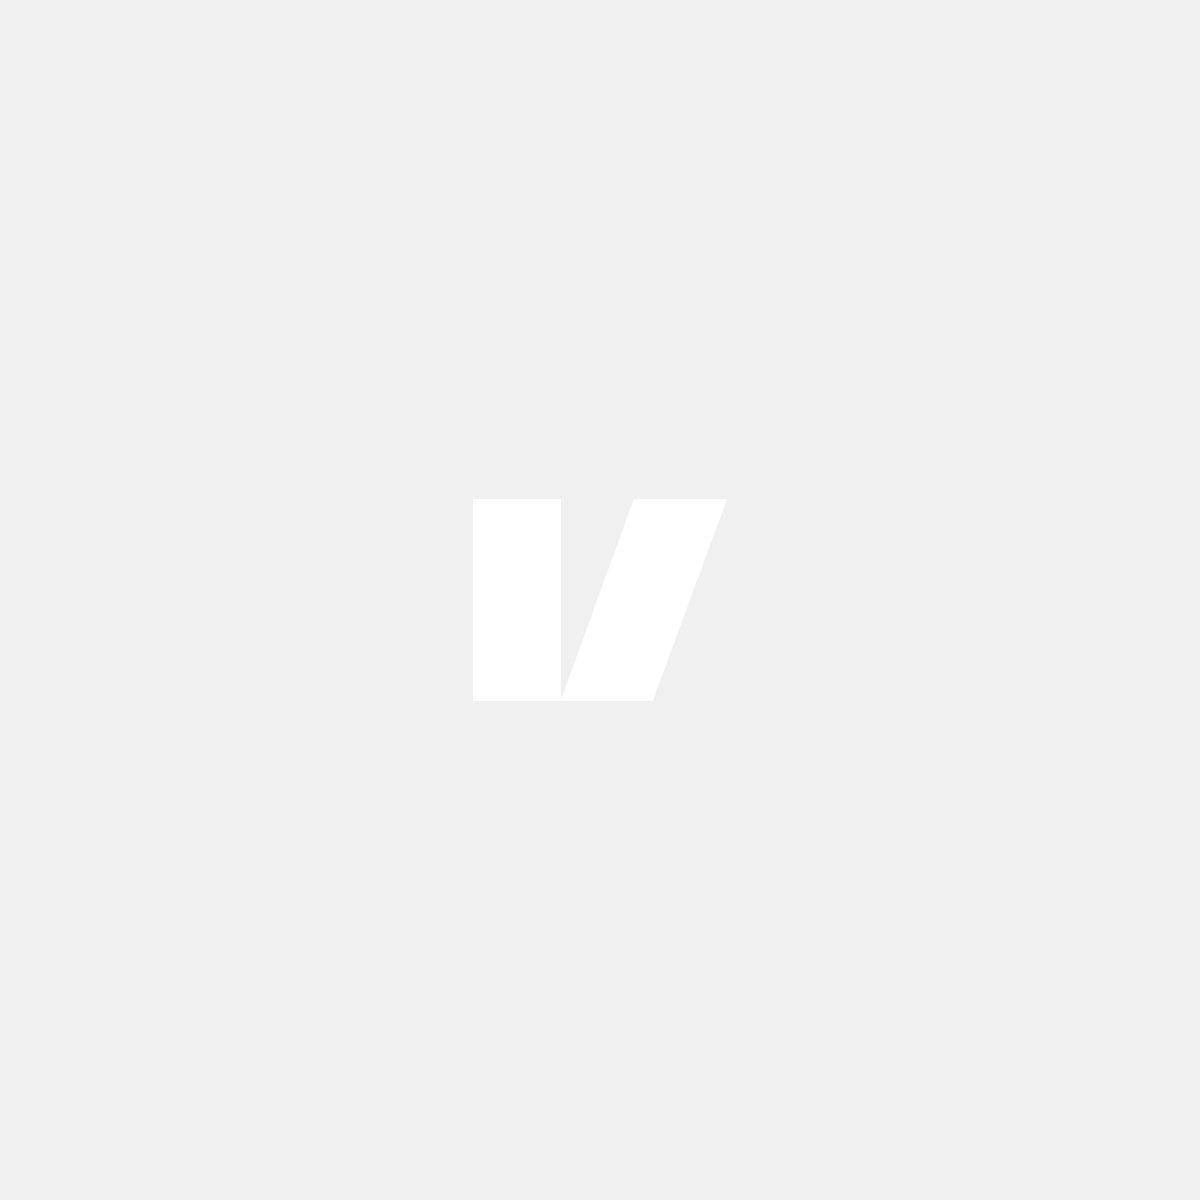 Brytare för fönsterhiss till Volvo 740, 760, 780